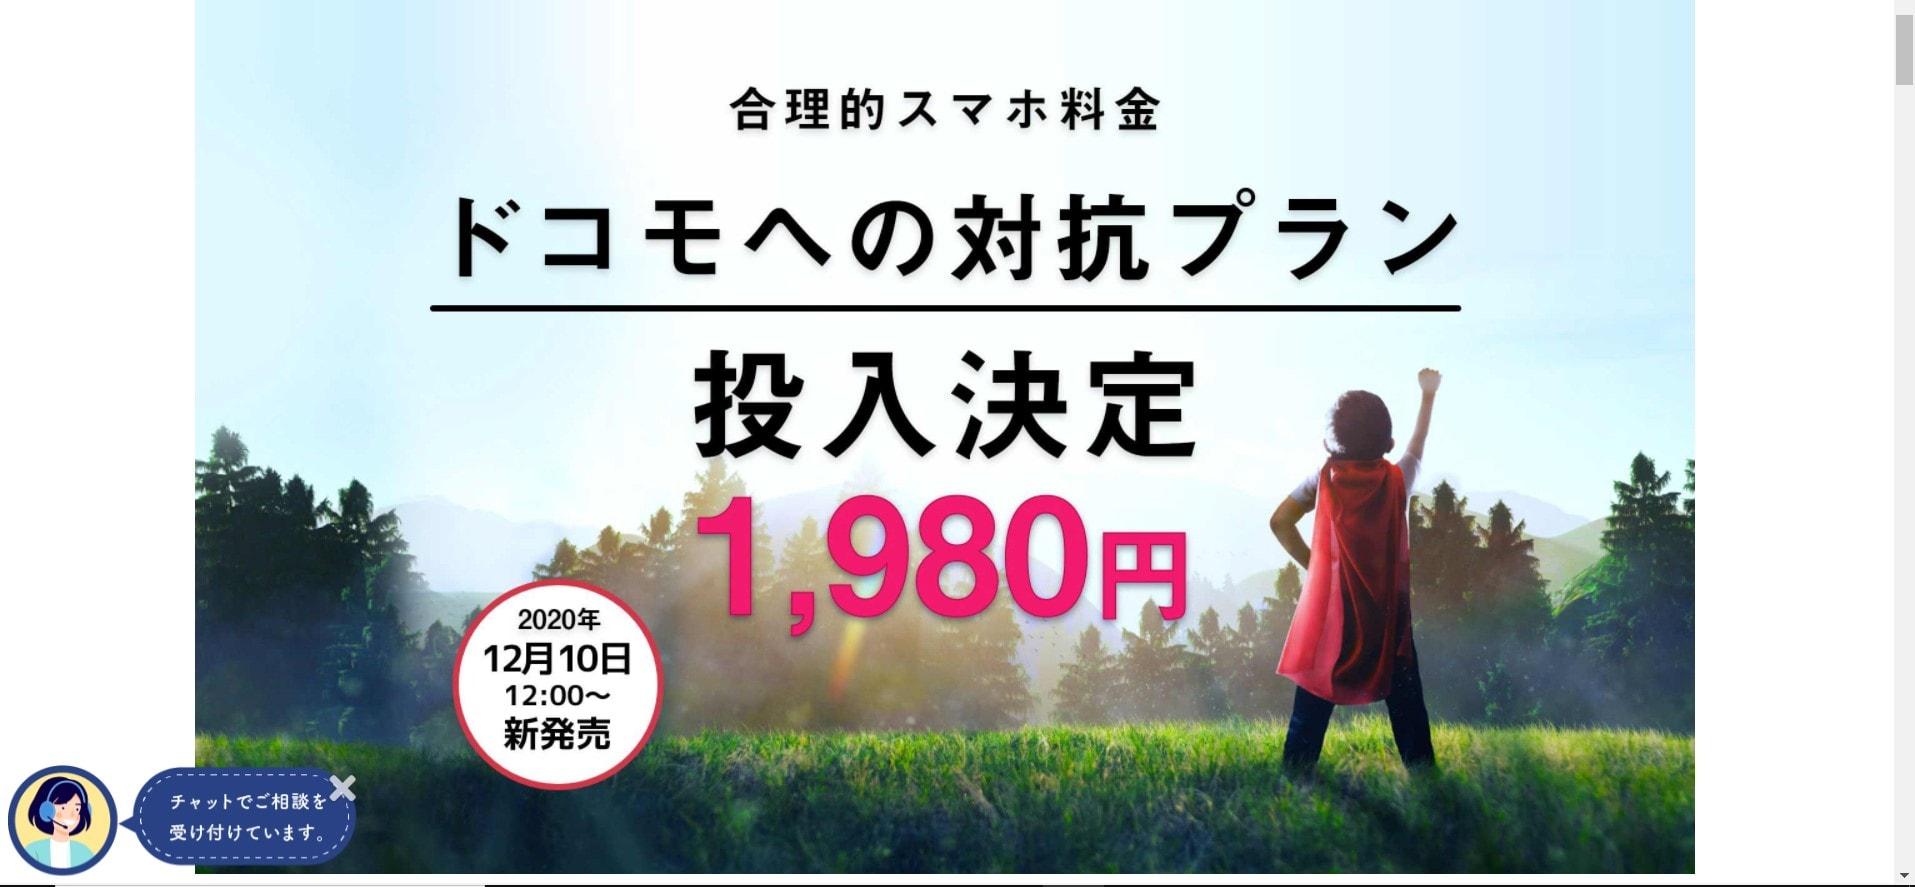 日本通信の新プラン